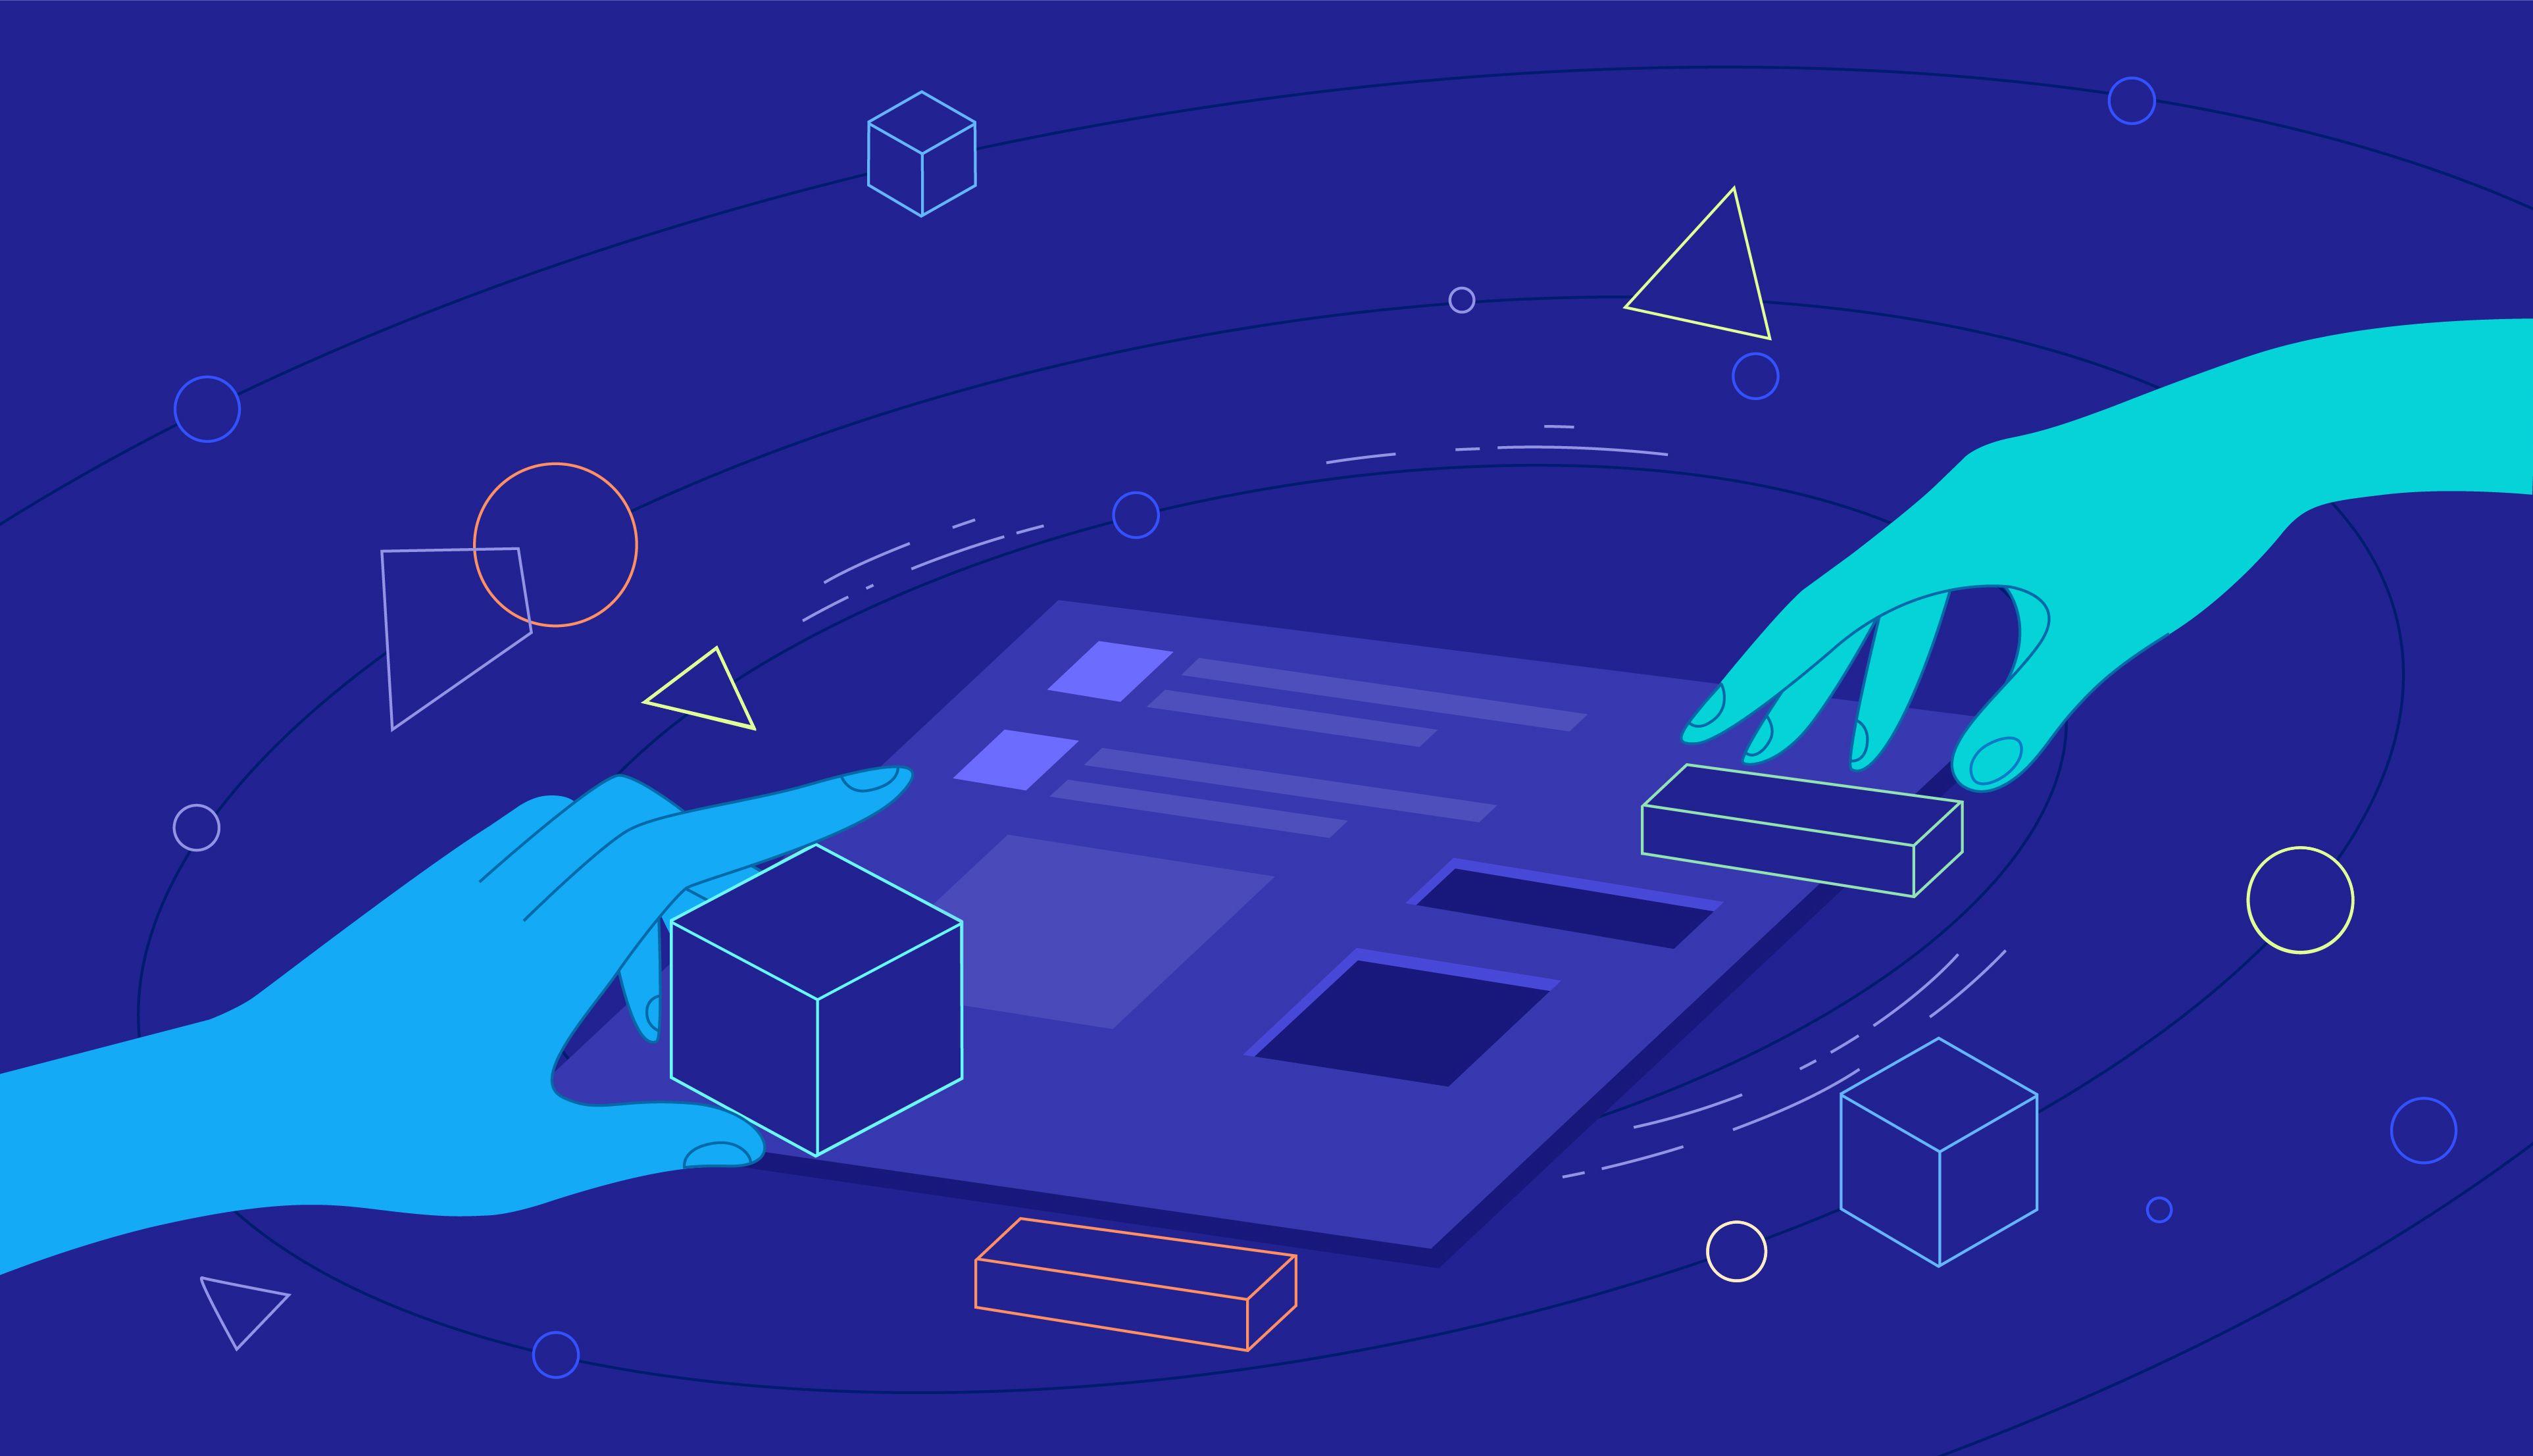 تیم طراحی چگونه از DesignOps استفاده میکند؟